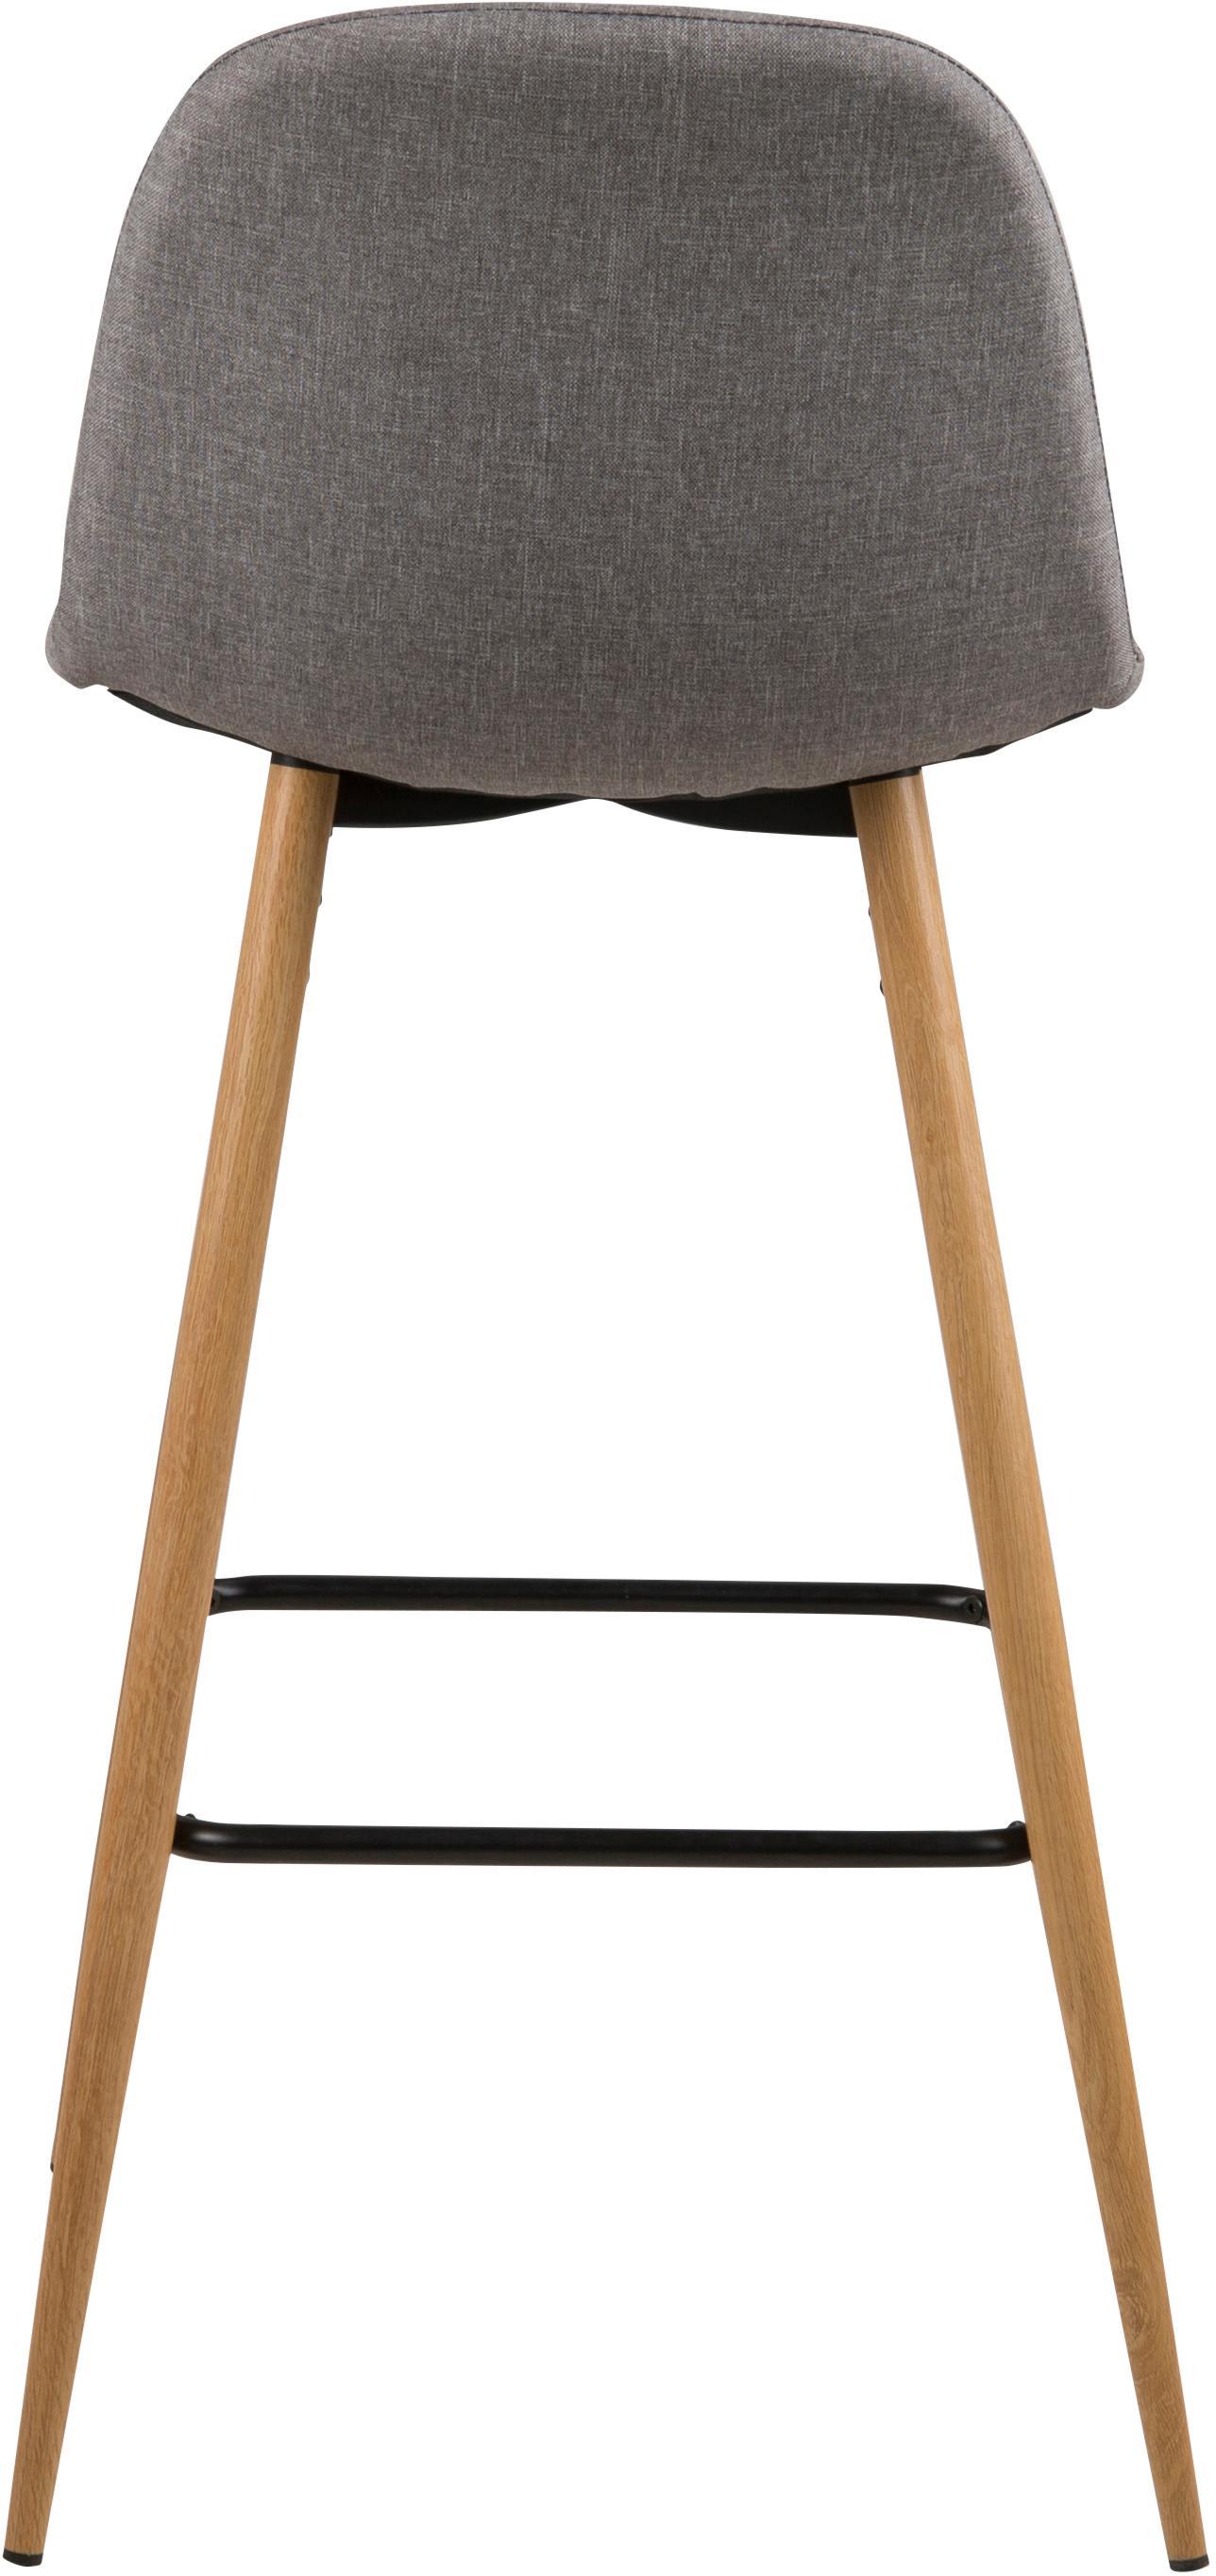 Barstuhl Wilma, Beine: Metall mit Eichedekor, Bezug: Polyester, Beine: Eiche<br>Streben: Schwarz<br>Bezug: Hellgrau, 47 x 101 cm